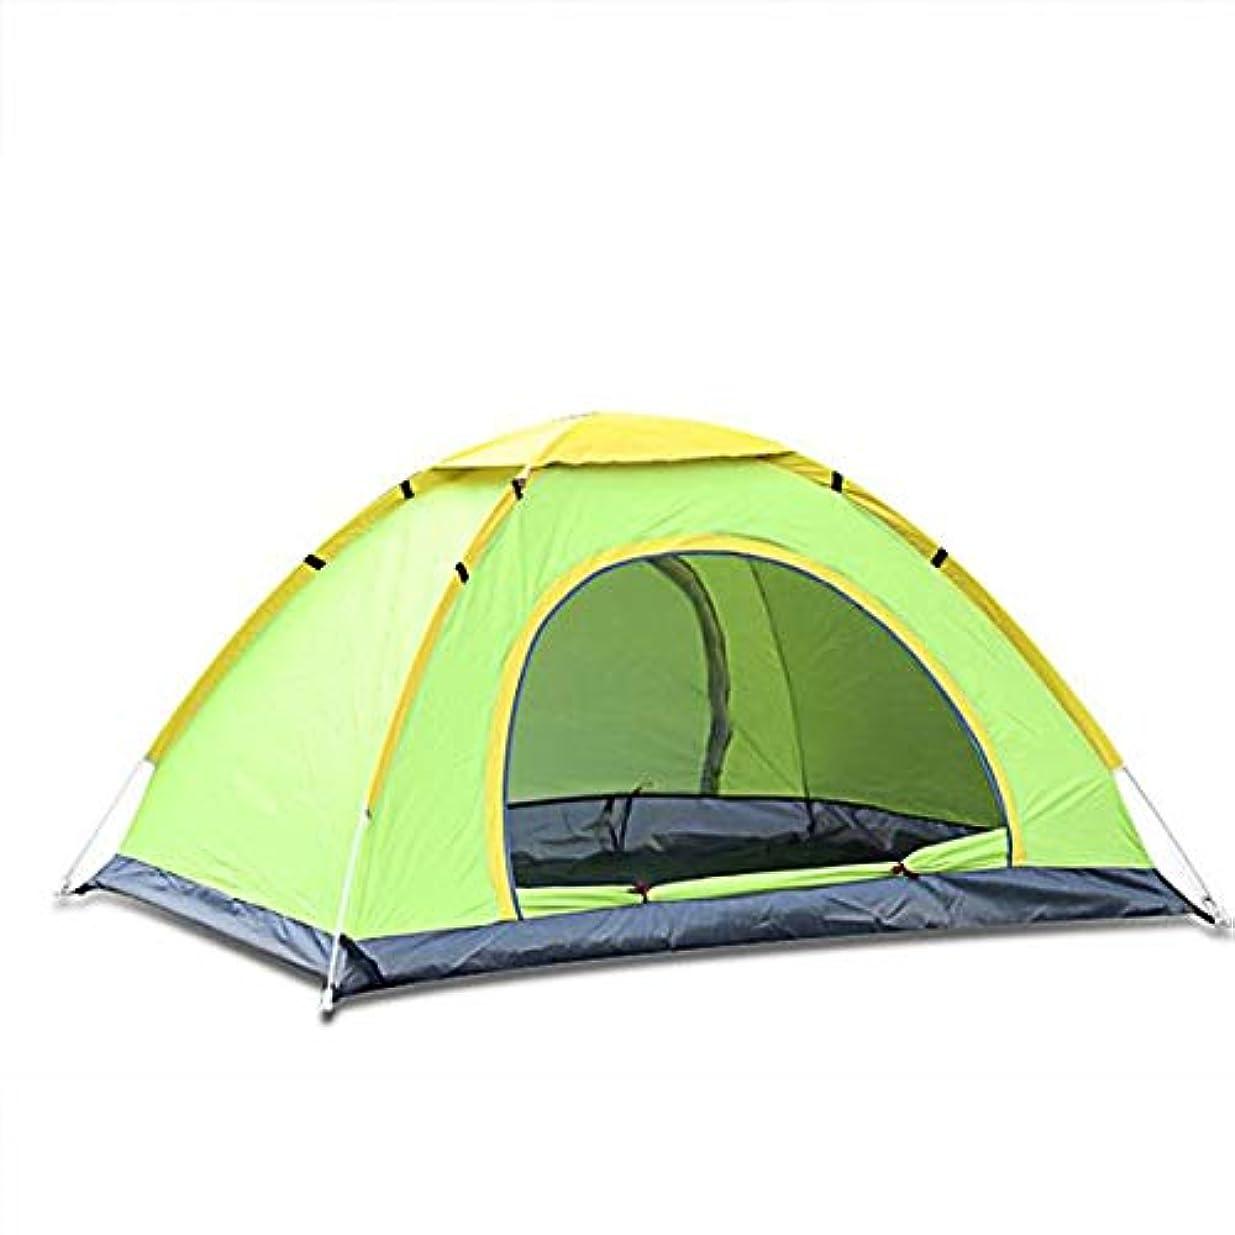 狼エトナ山プレート新しいダブル自動スピードオープンキャンプサンシェードアンチストームテント